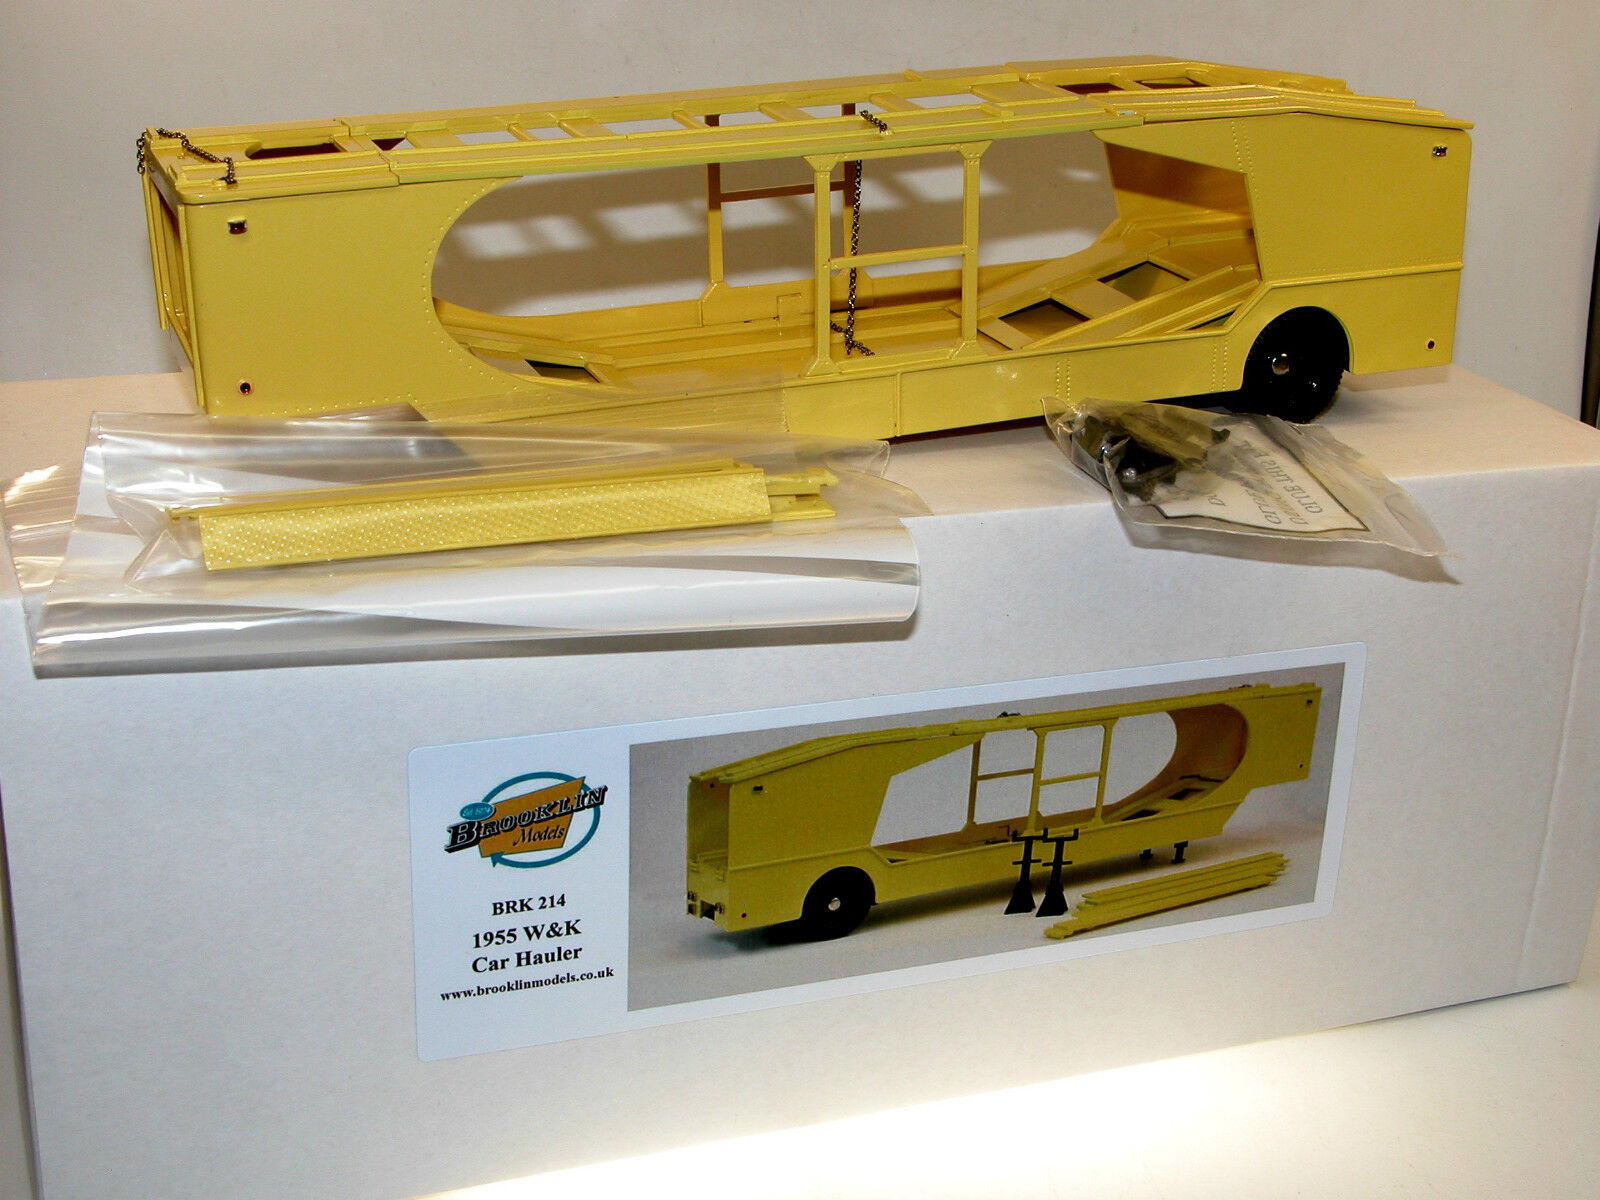 Brooklin models BRK 214, 1955 w&k 4-Vehicle Car Hauler, porte voitures, 1 43